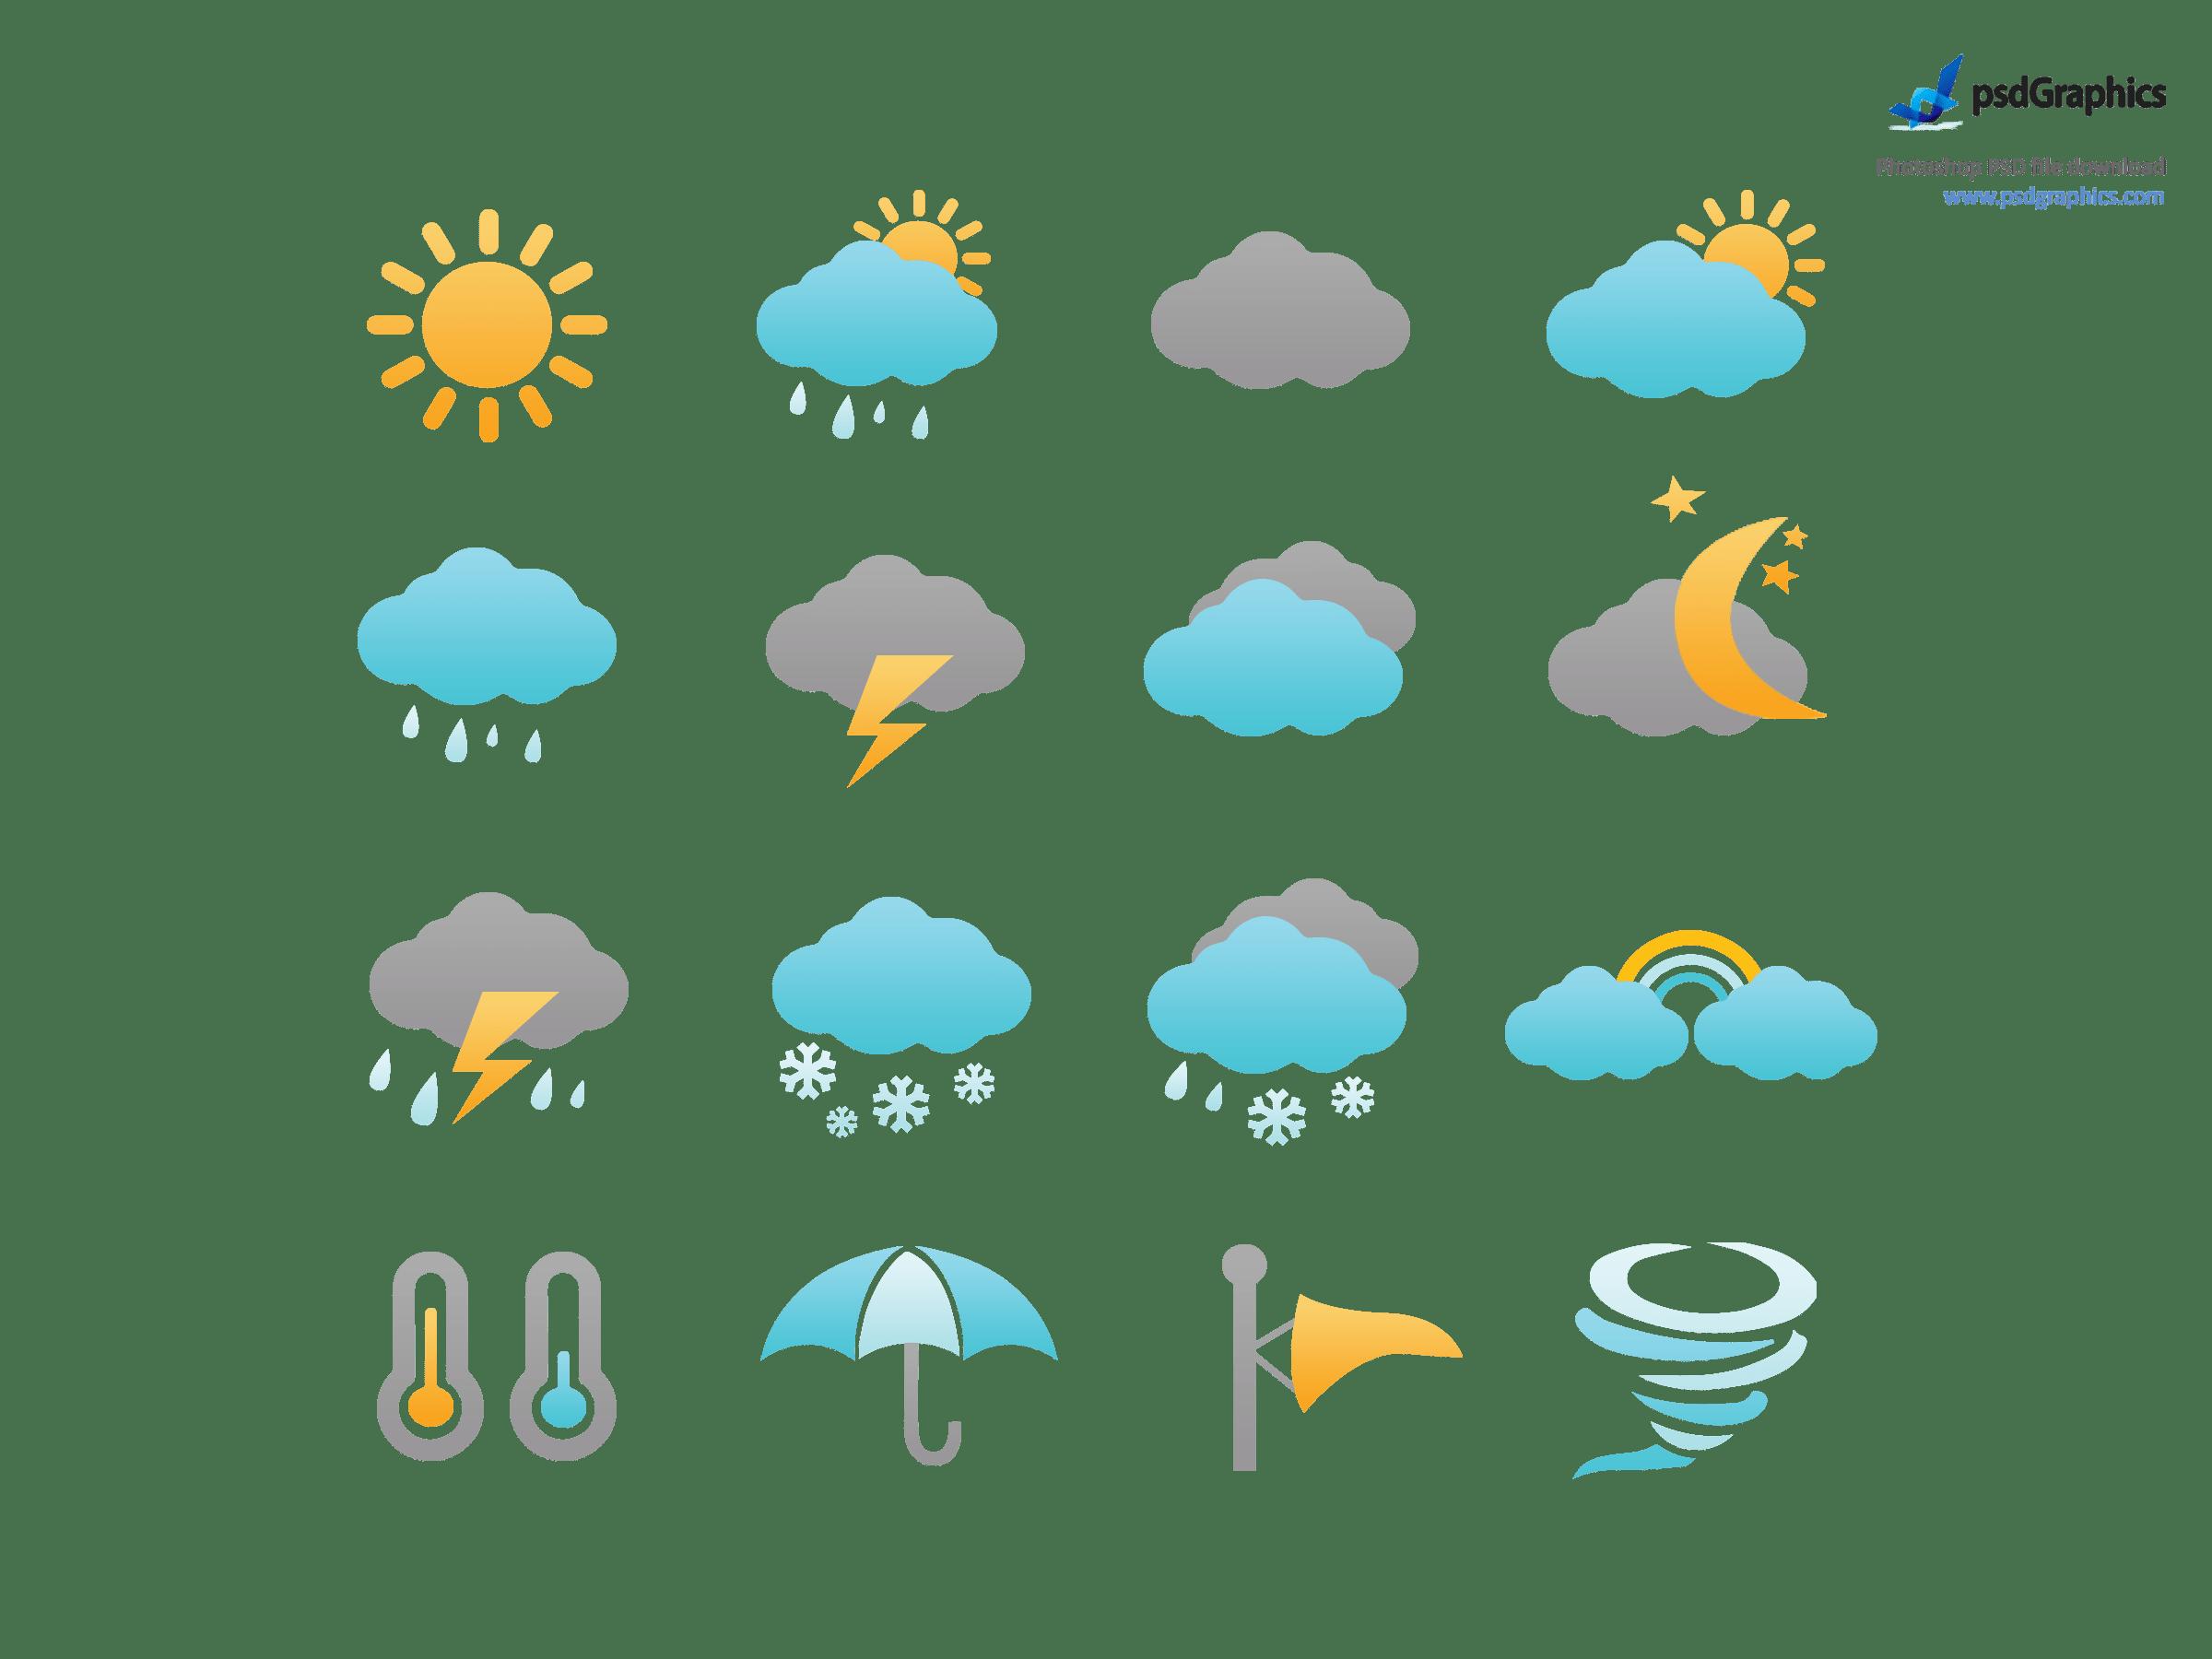 Https Design Tutsplus Com Categories Adobe Illustrator